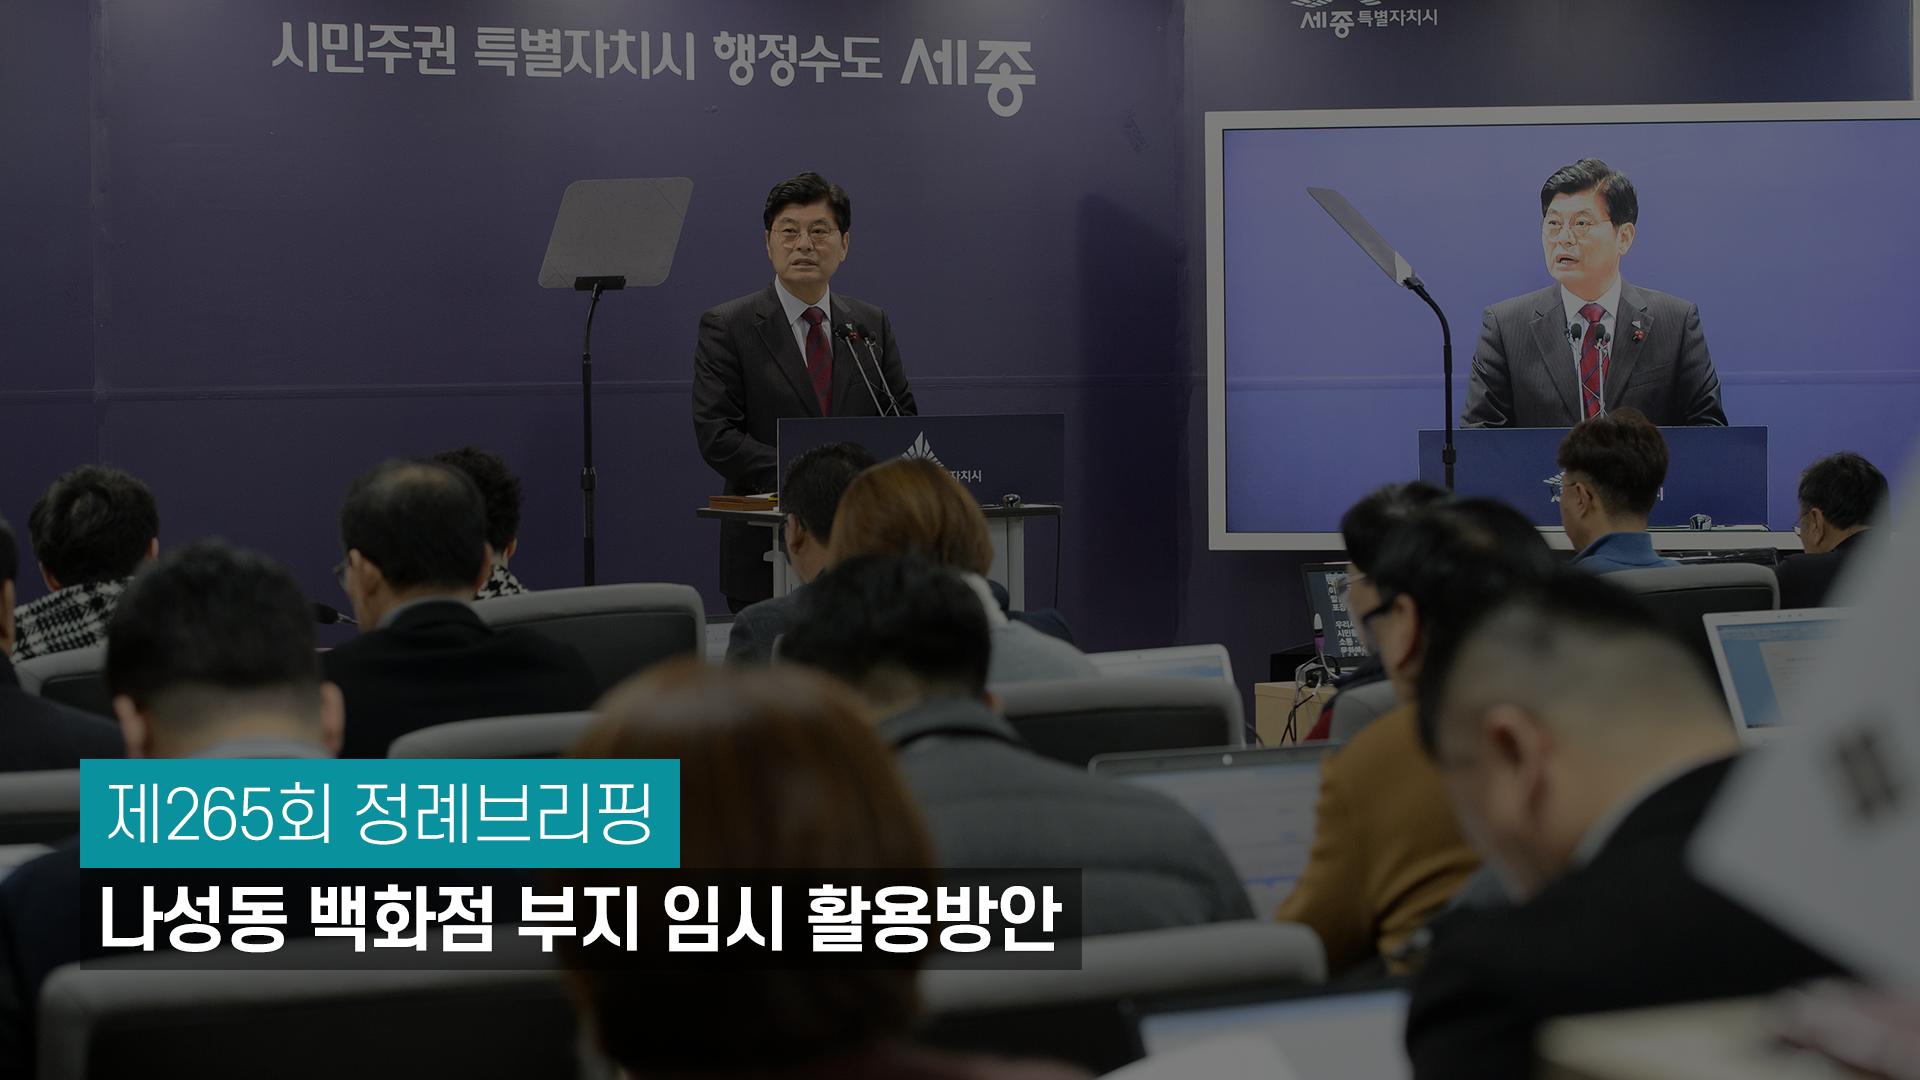 <265번째 정례브리핑> 나성동 백화점 부지 임시 활용방안